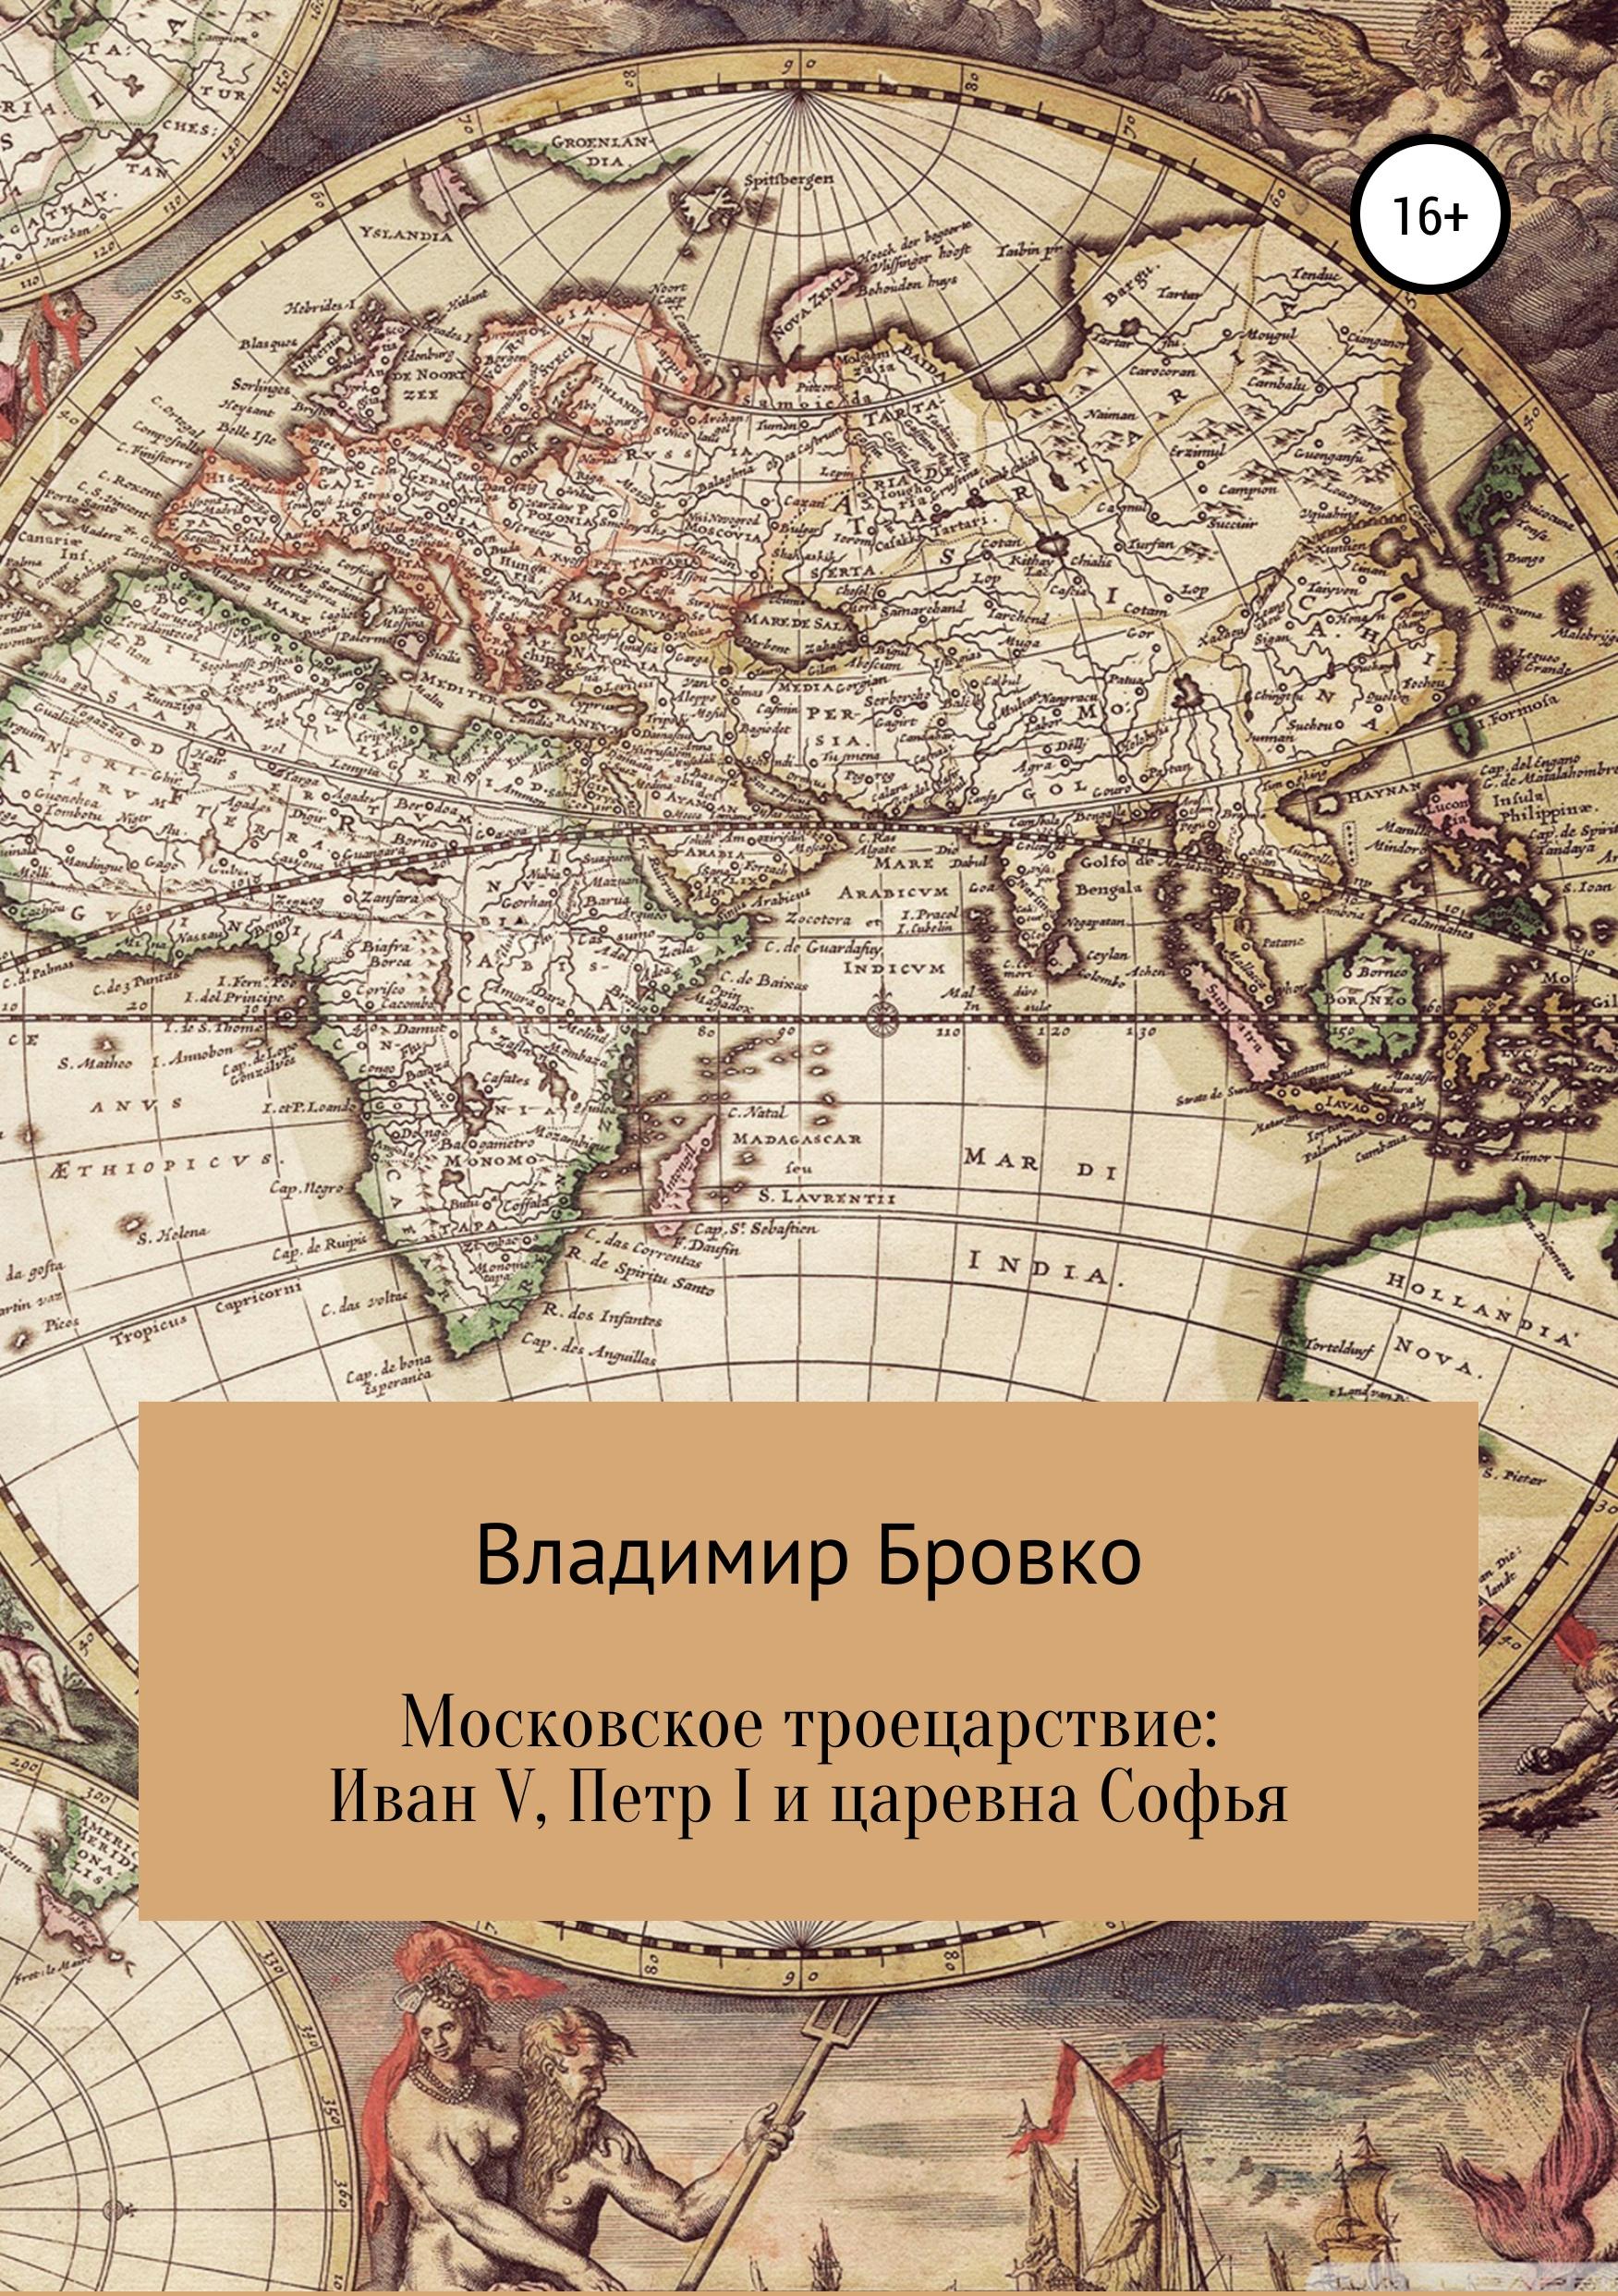 Московское троецарствие: Иван V, Петр I и царевна Софья